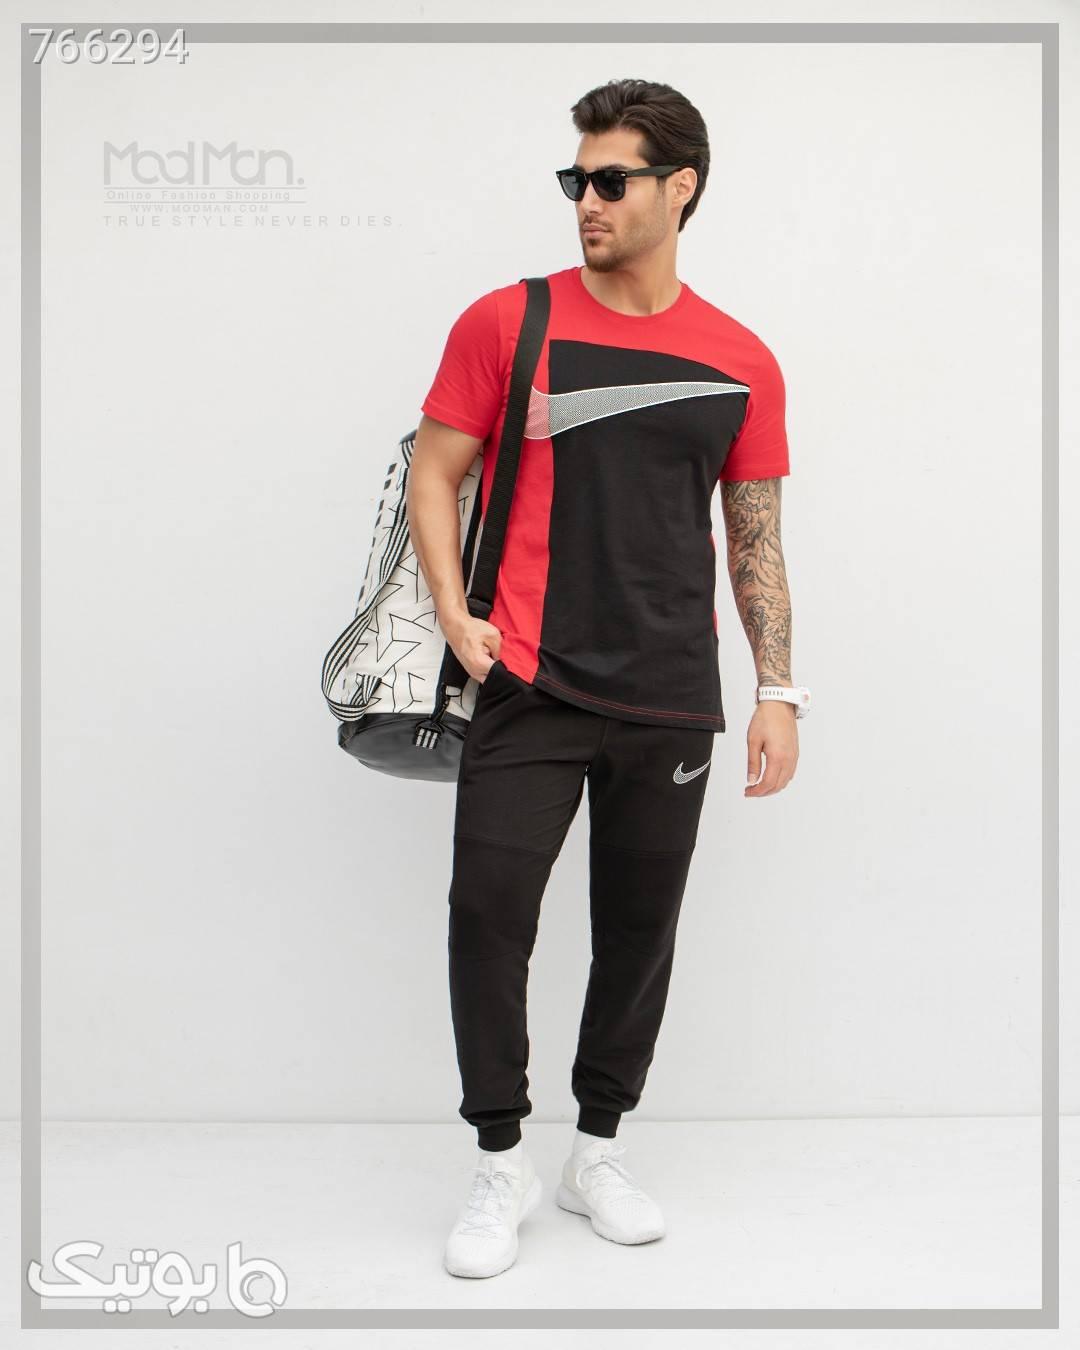 ست تیشرت و شلوار Nike سفید ست ورزشی مردانه